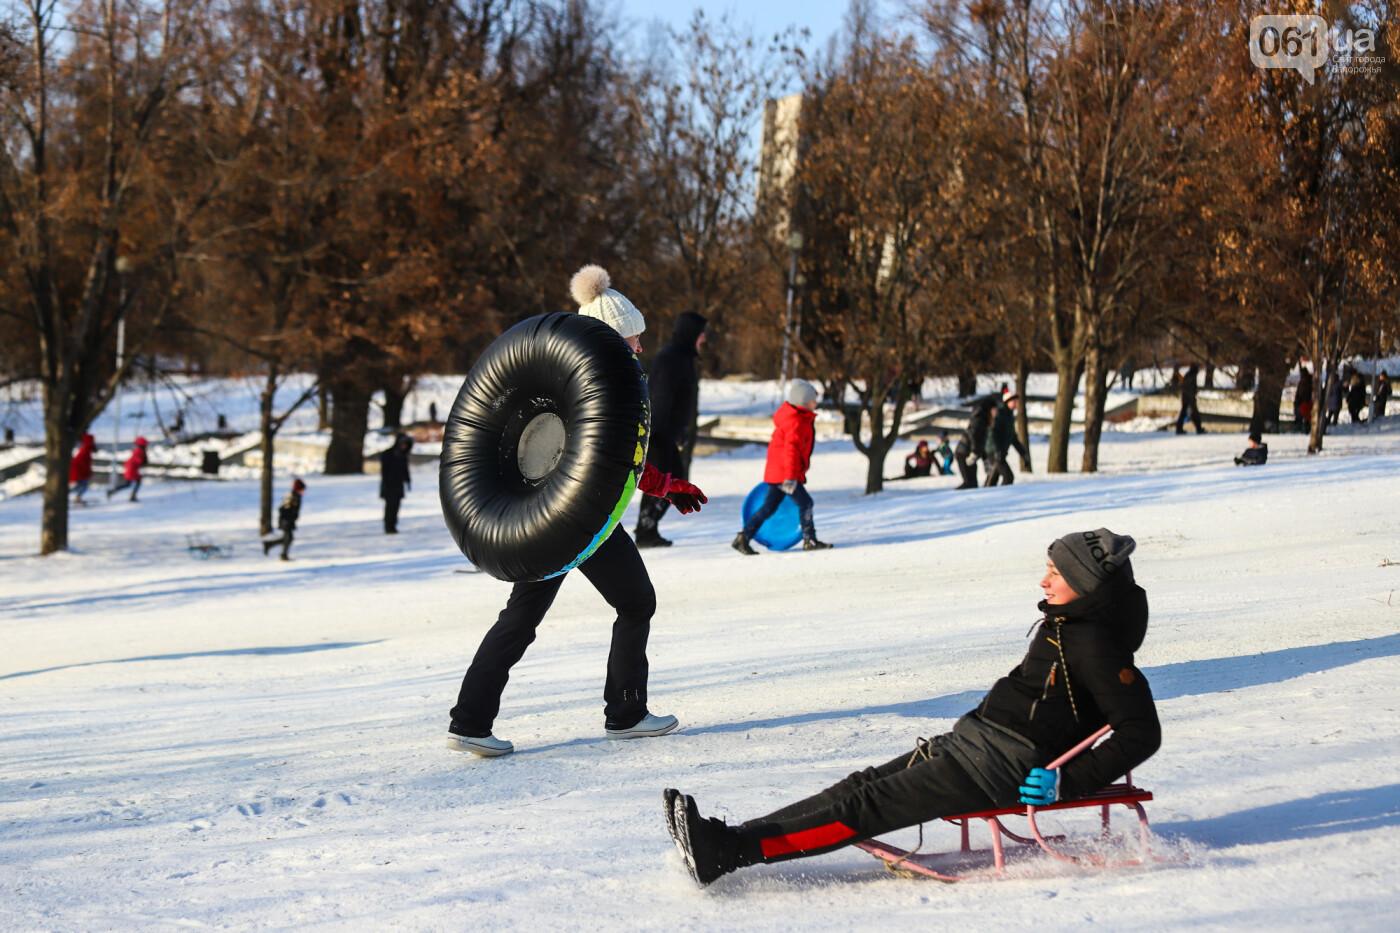 На санках, лыжах и сноуборде: запорожцы устроили массовое катание с горок в Вознесеновском парке, - ФОТОРЕПОРТАЖ, фото-37